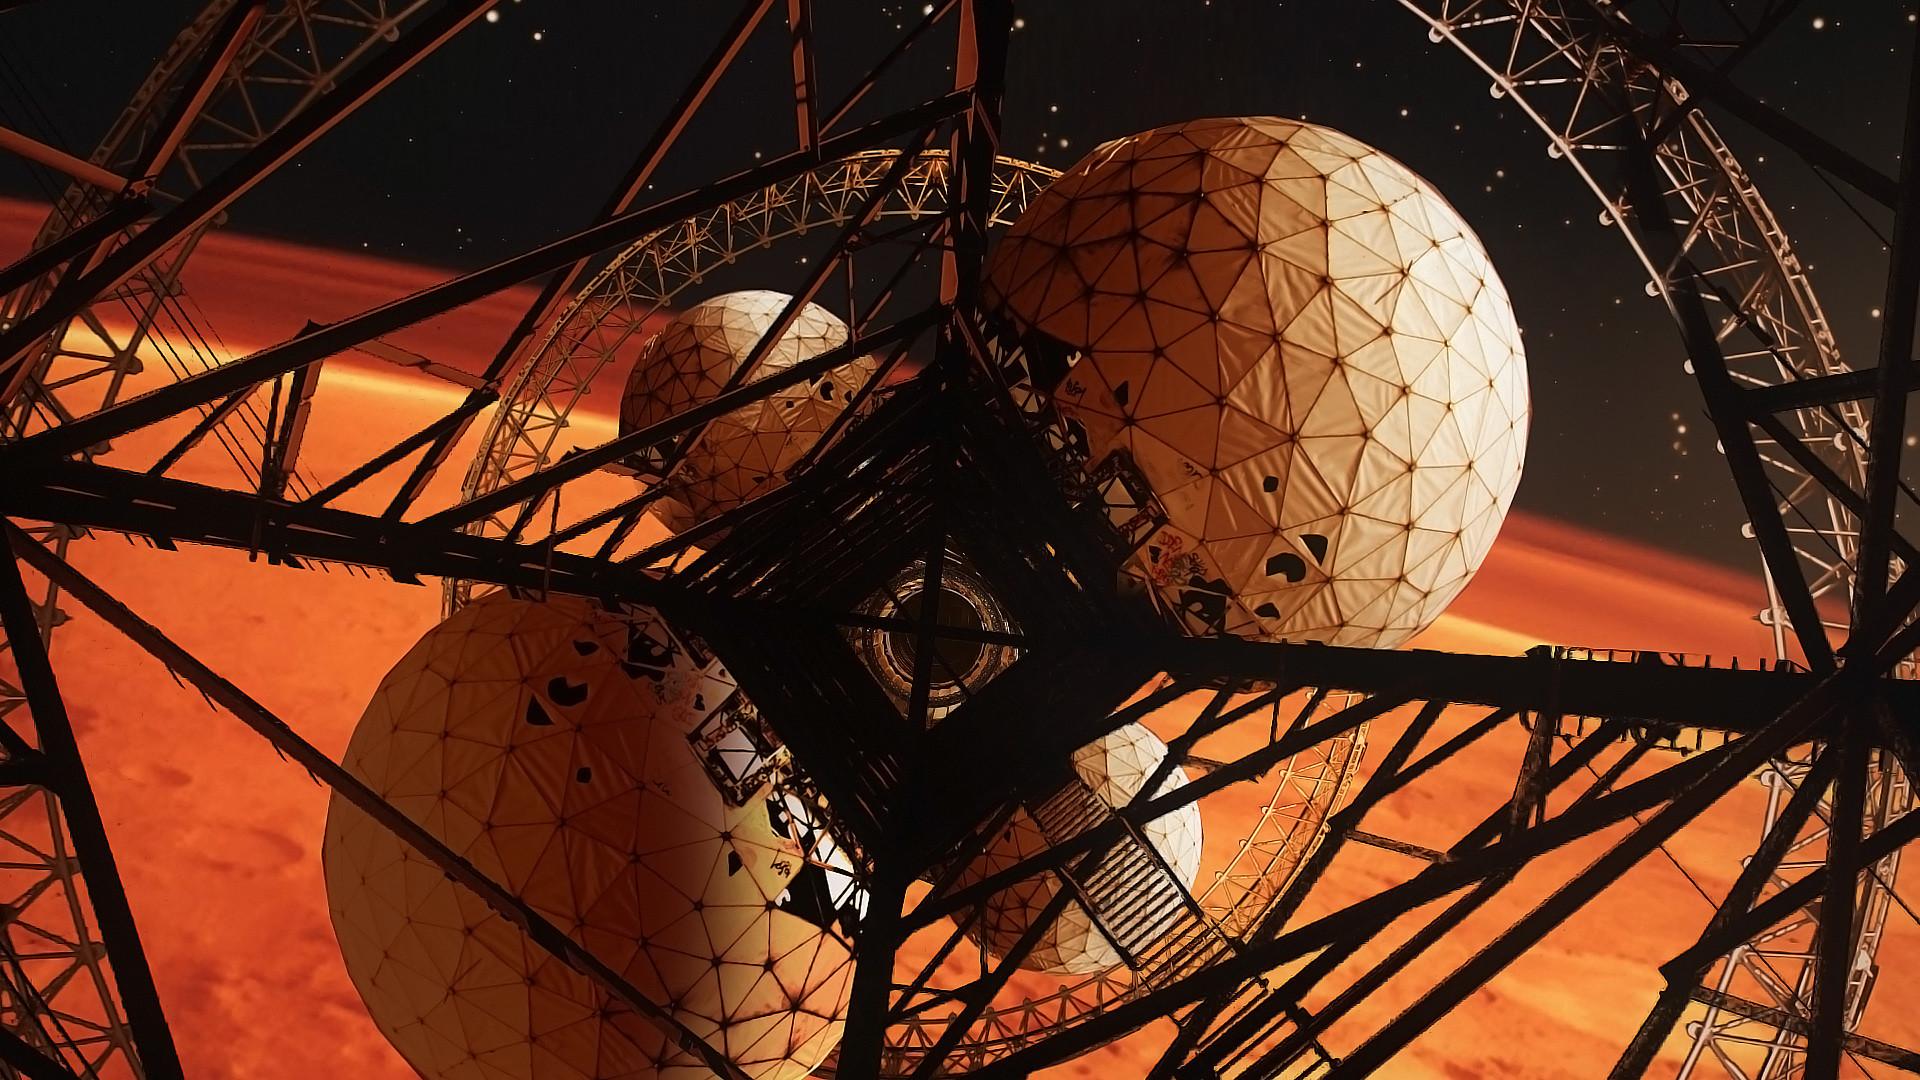 Звёздное небо и космос в картинках - Страница 6 Jakub-grygier-007-megastructures-ab